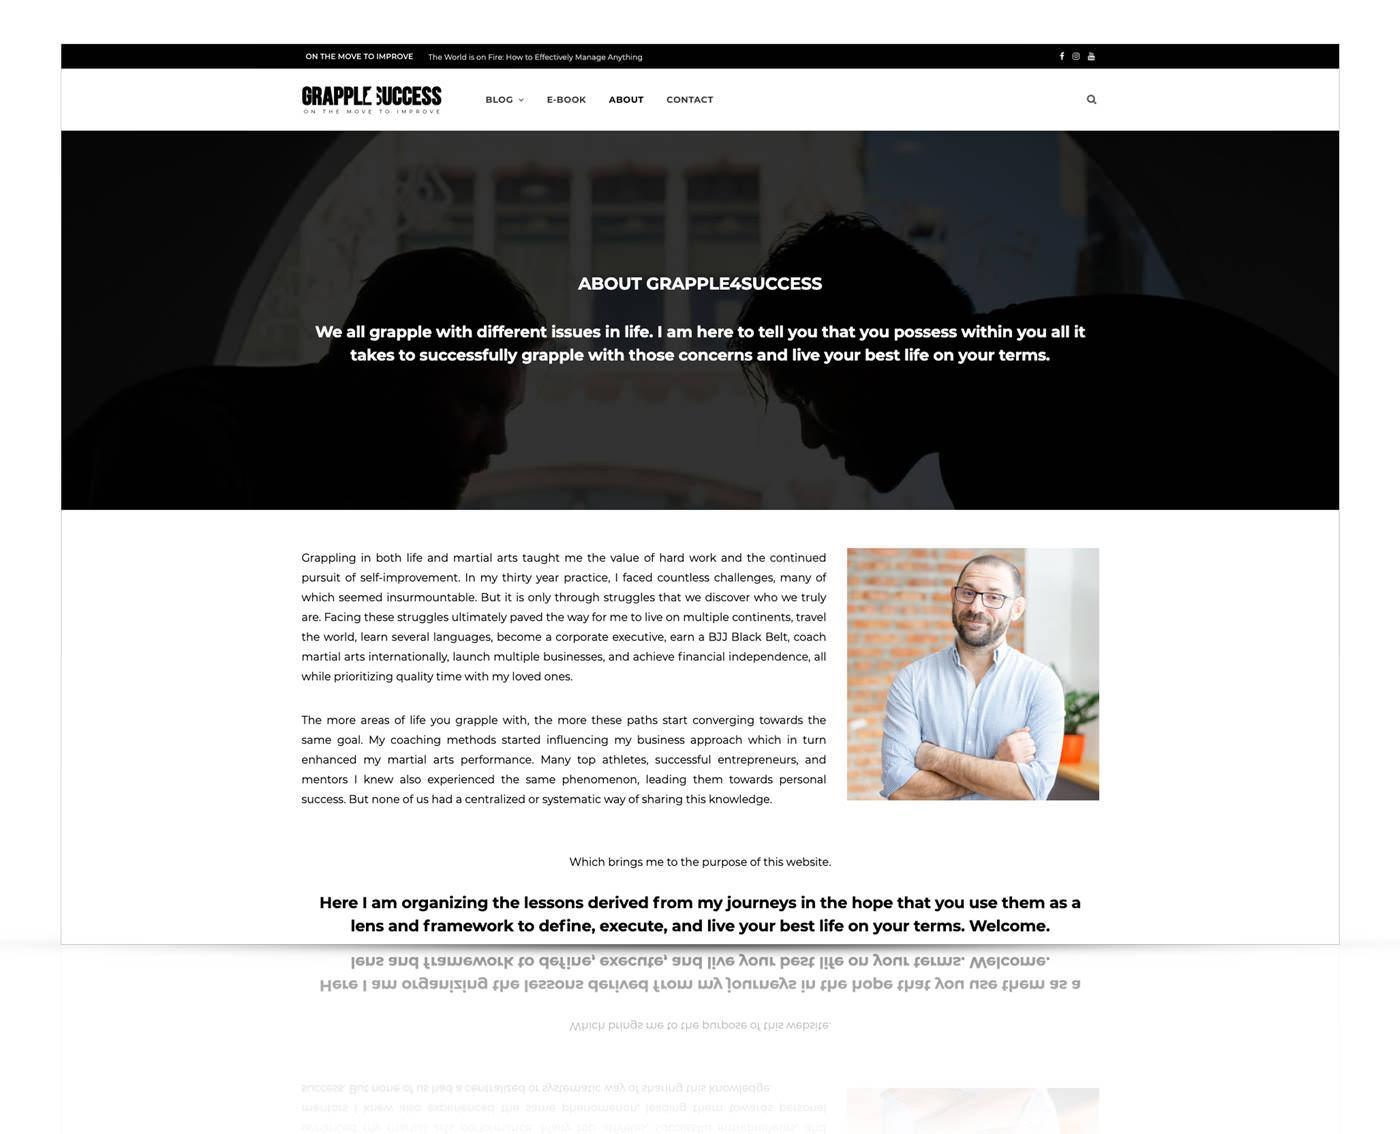 Nova spletna stran Grapple 4 Success